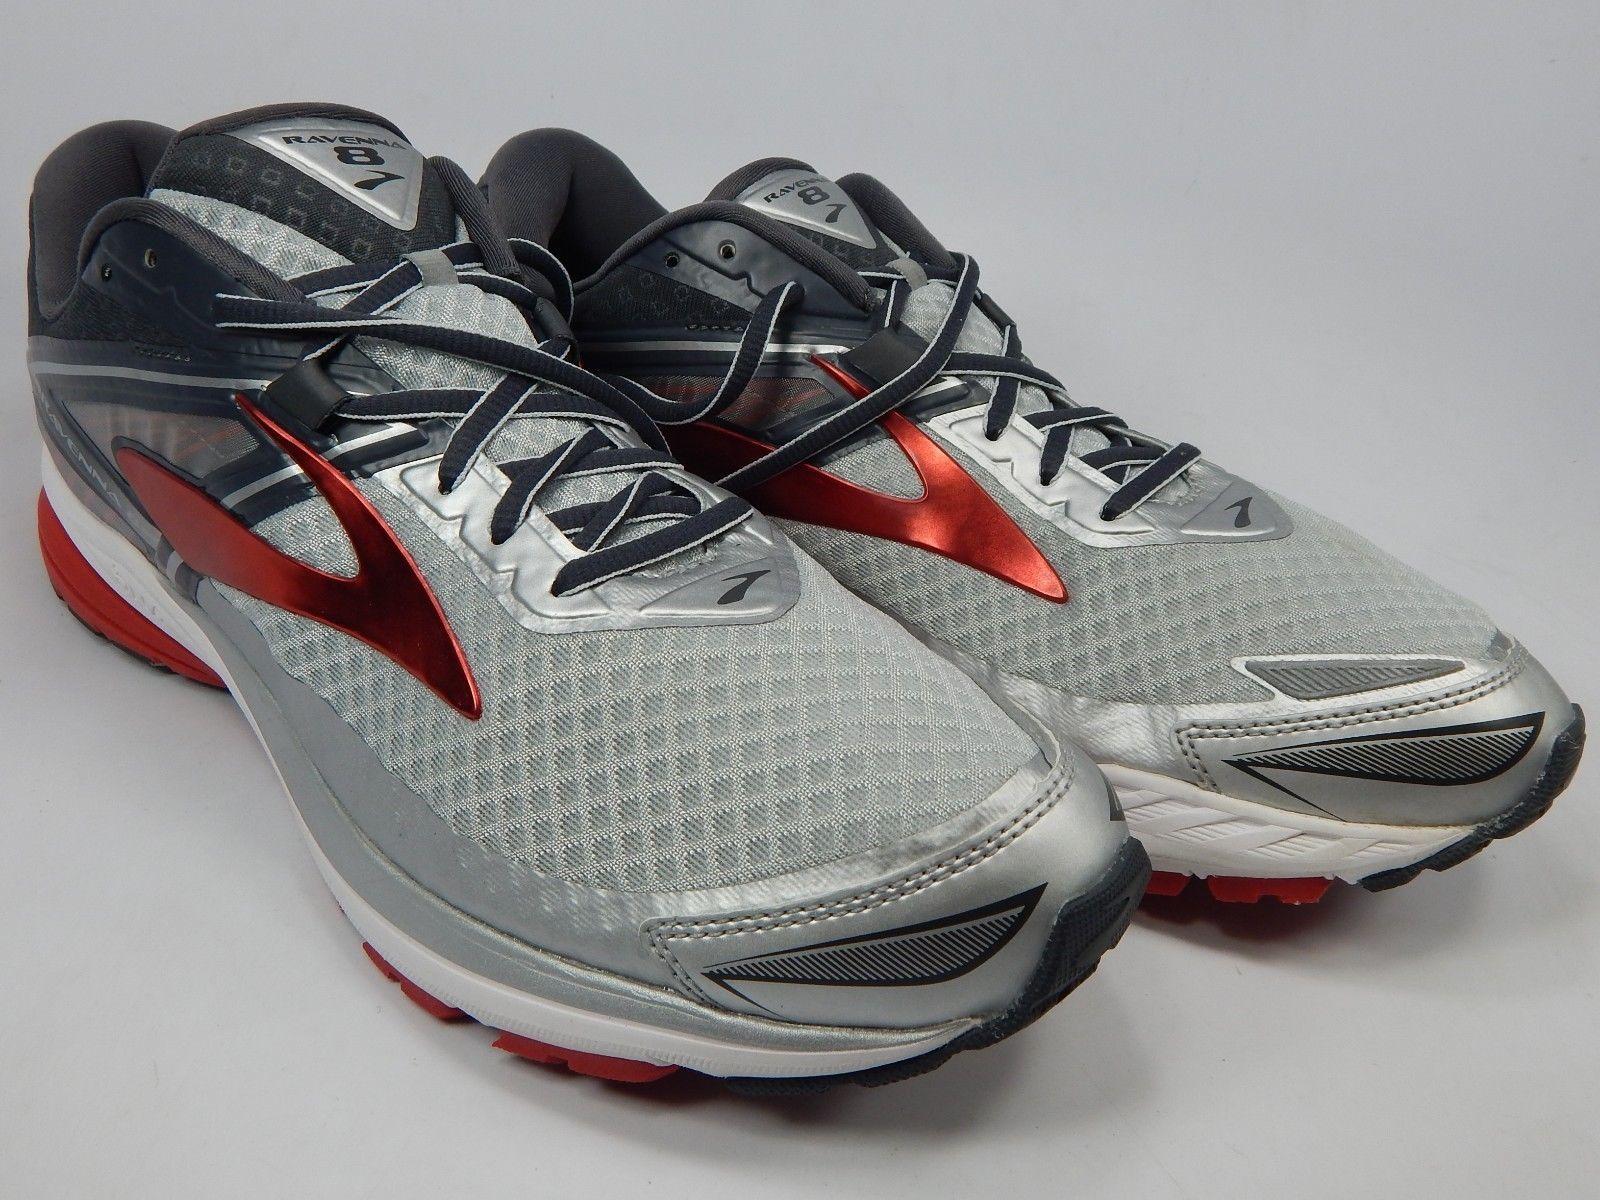 cf80a22a1cf 57. 57. Previous. Brooks Ravenna 8 Size US 11.5 M (D) EU 45.5 Men s Running  Shoes 1102481D067 · Brooks Ravenna 8 ...